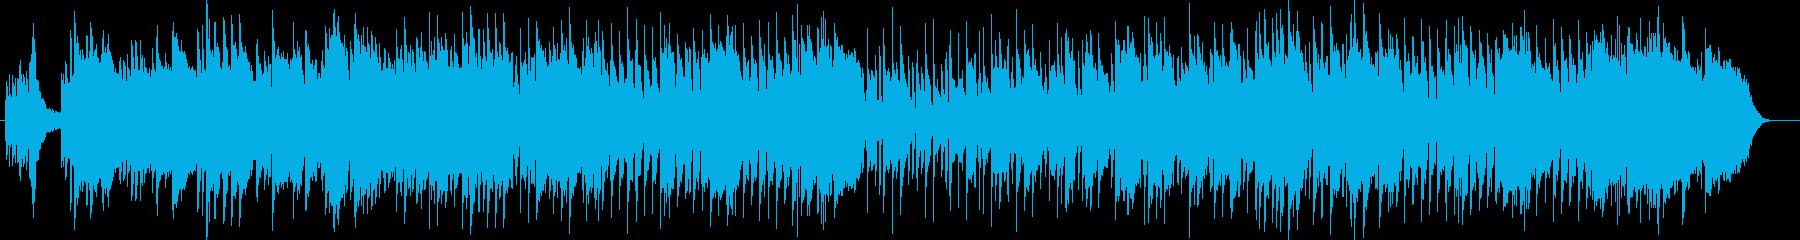 しみじみと感じる感動的なピアノのバラードの再生済みの波形